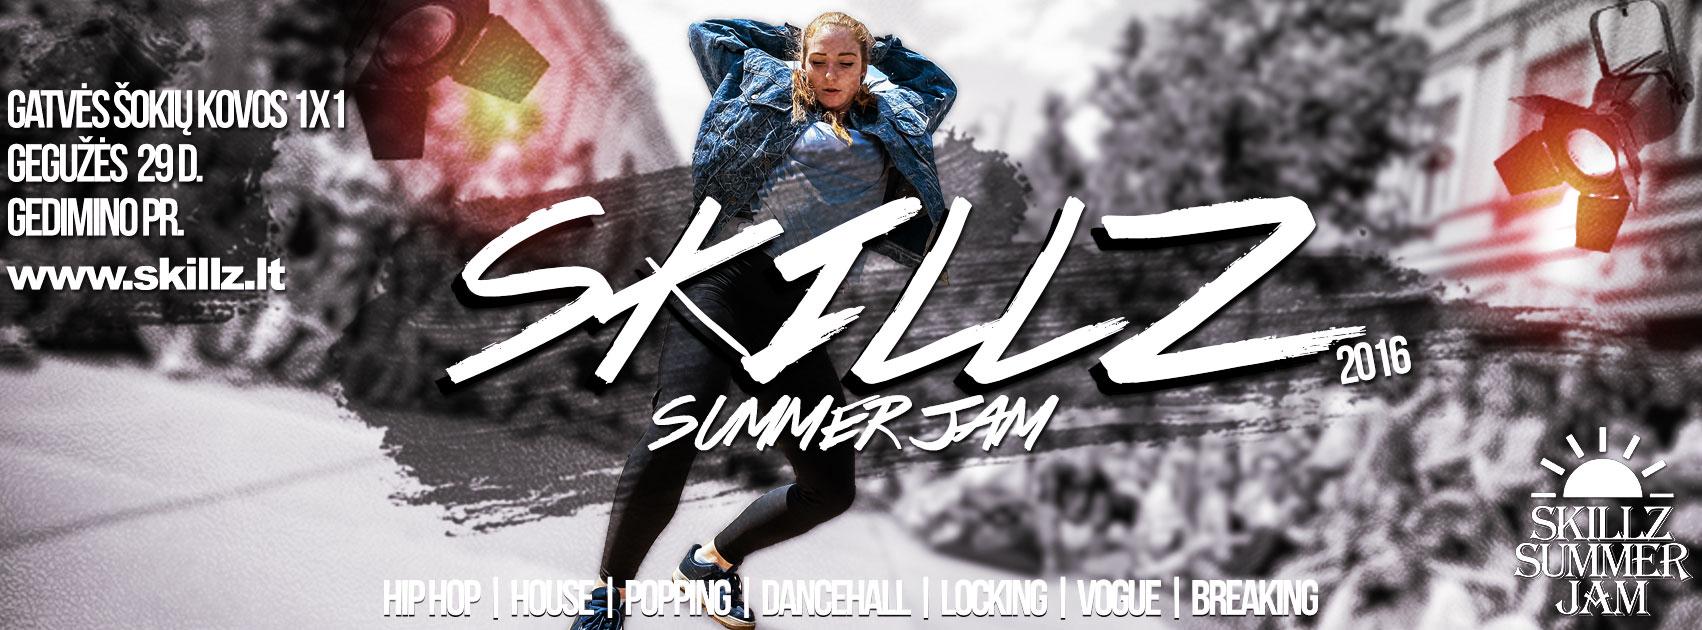 skillz-summer-jam-2016-fb